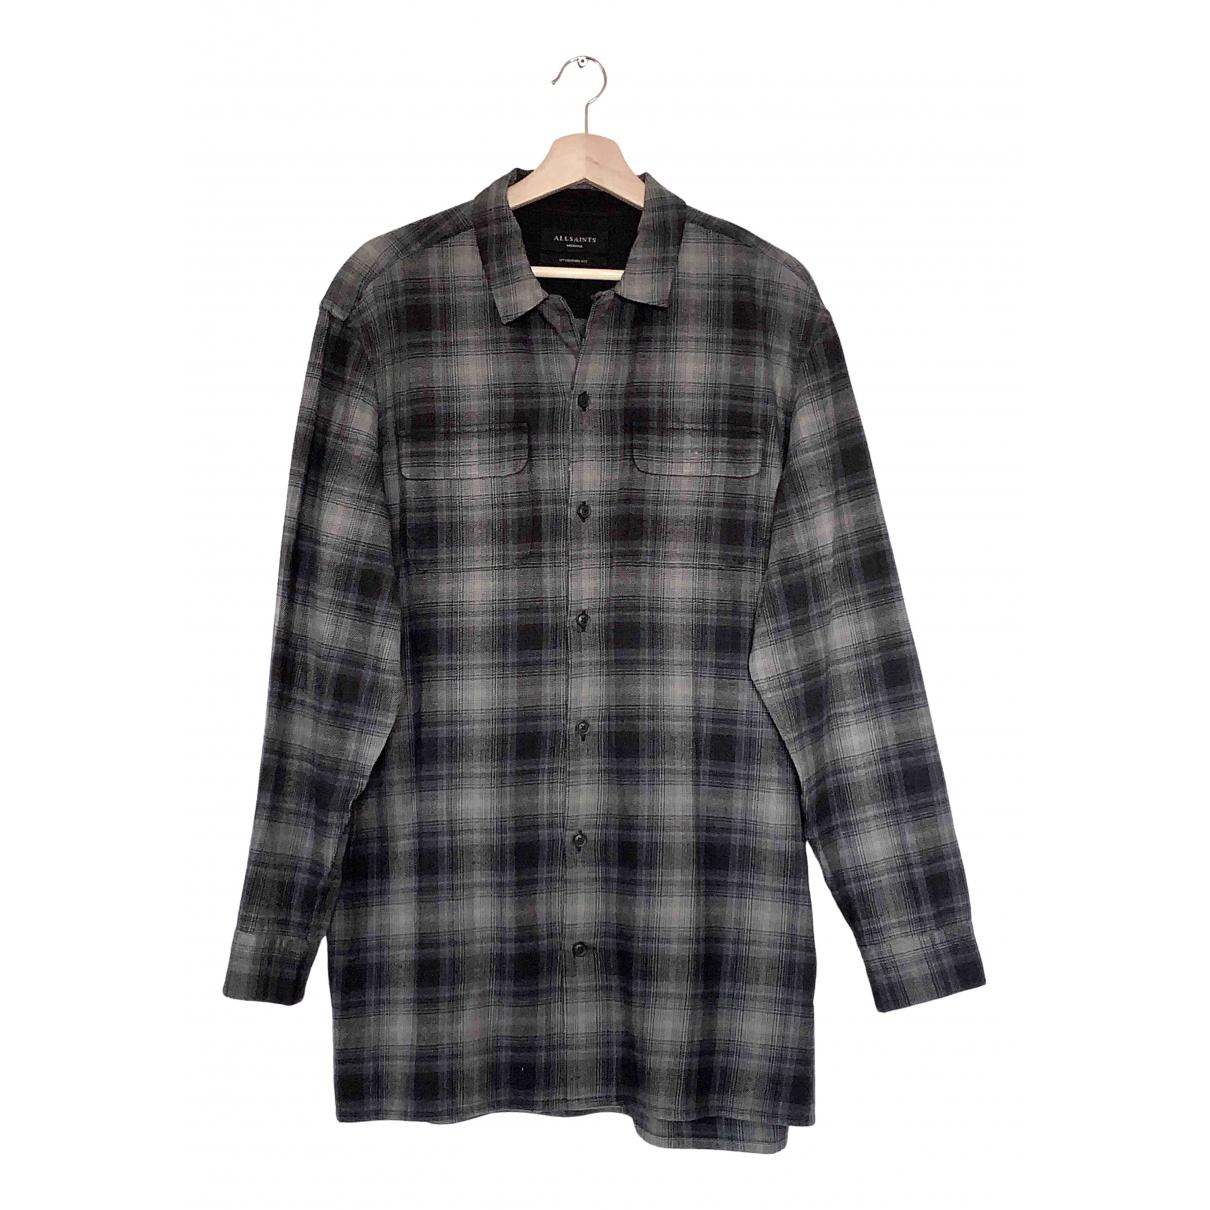 All Saints - Chemises   pour homme en coton - anthracite